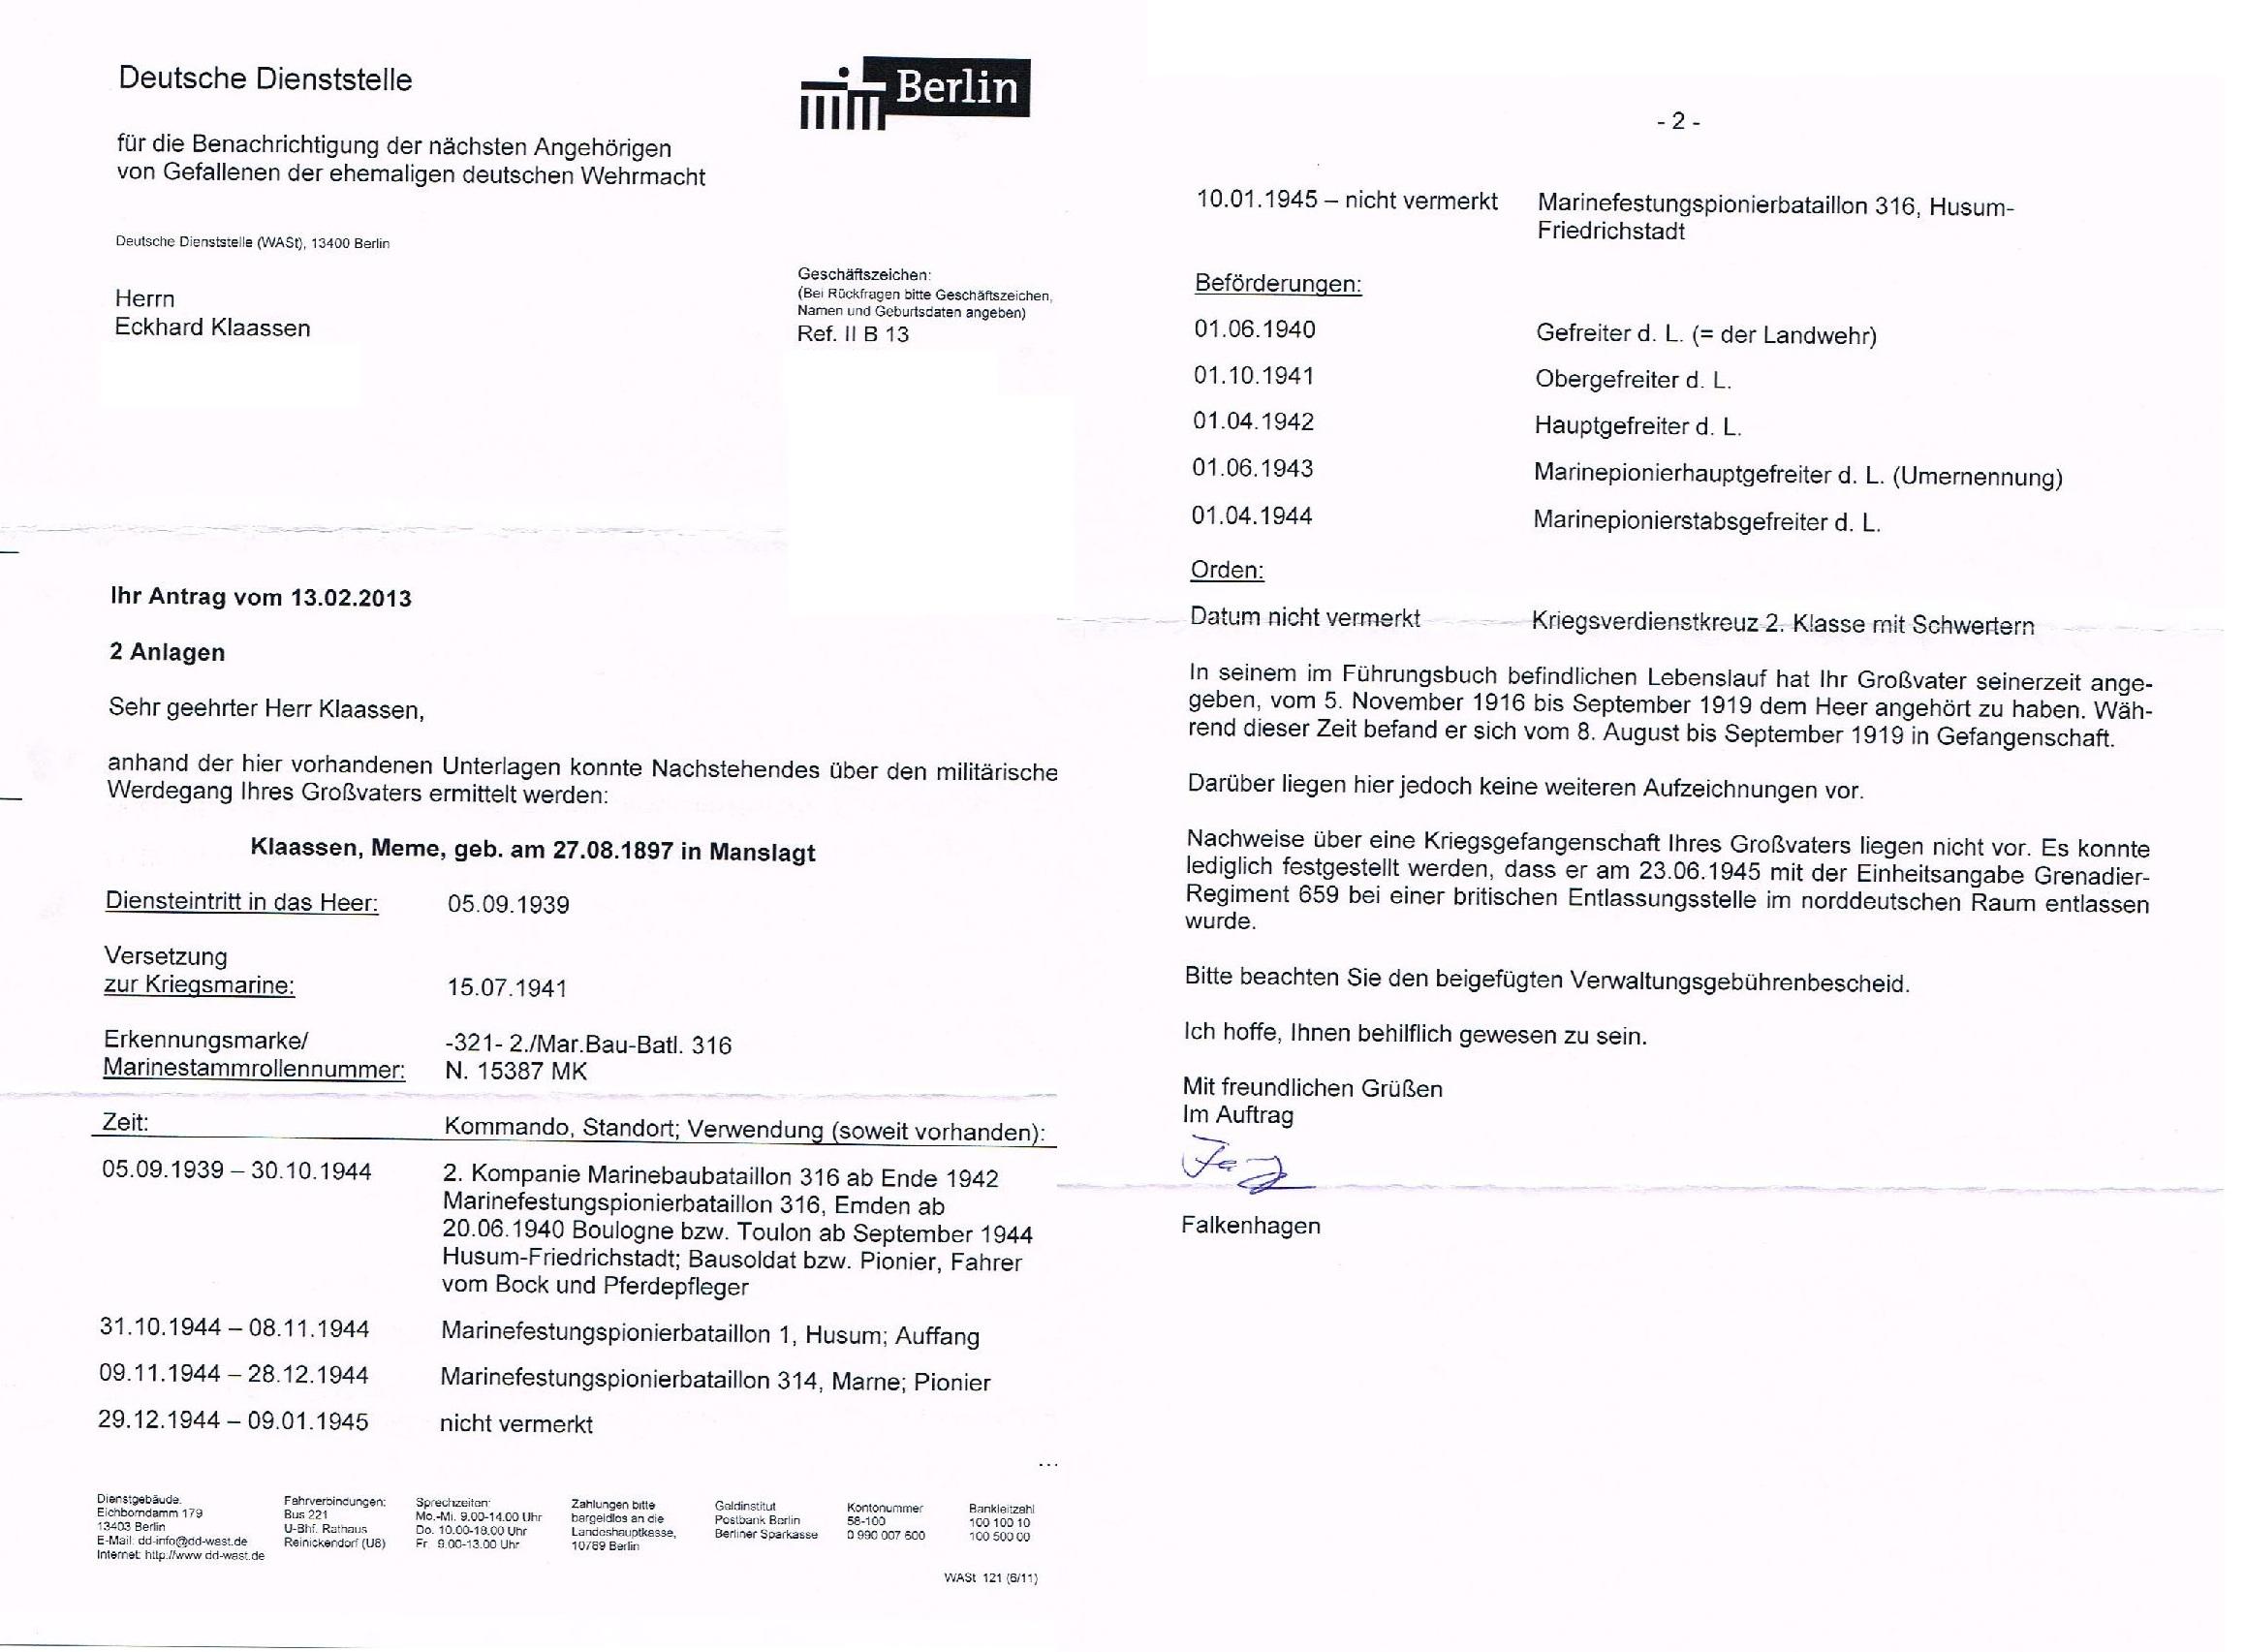 Schön Militärischer Lebenslauf Für Bundesjob Galerie ...